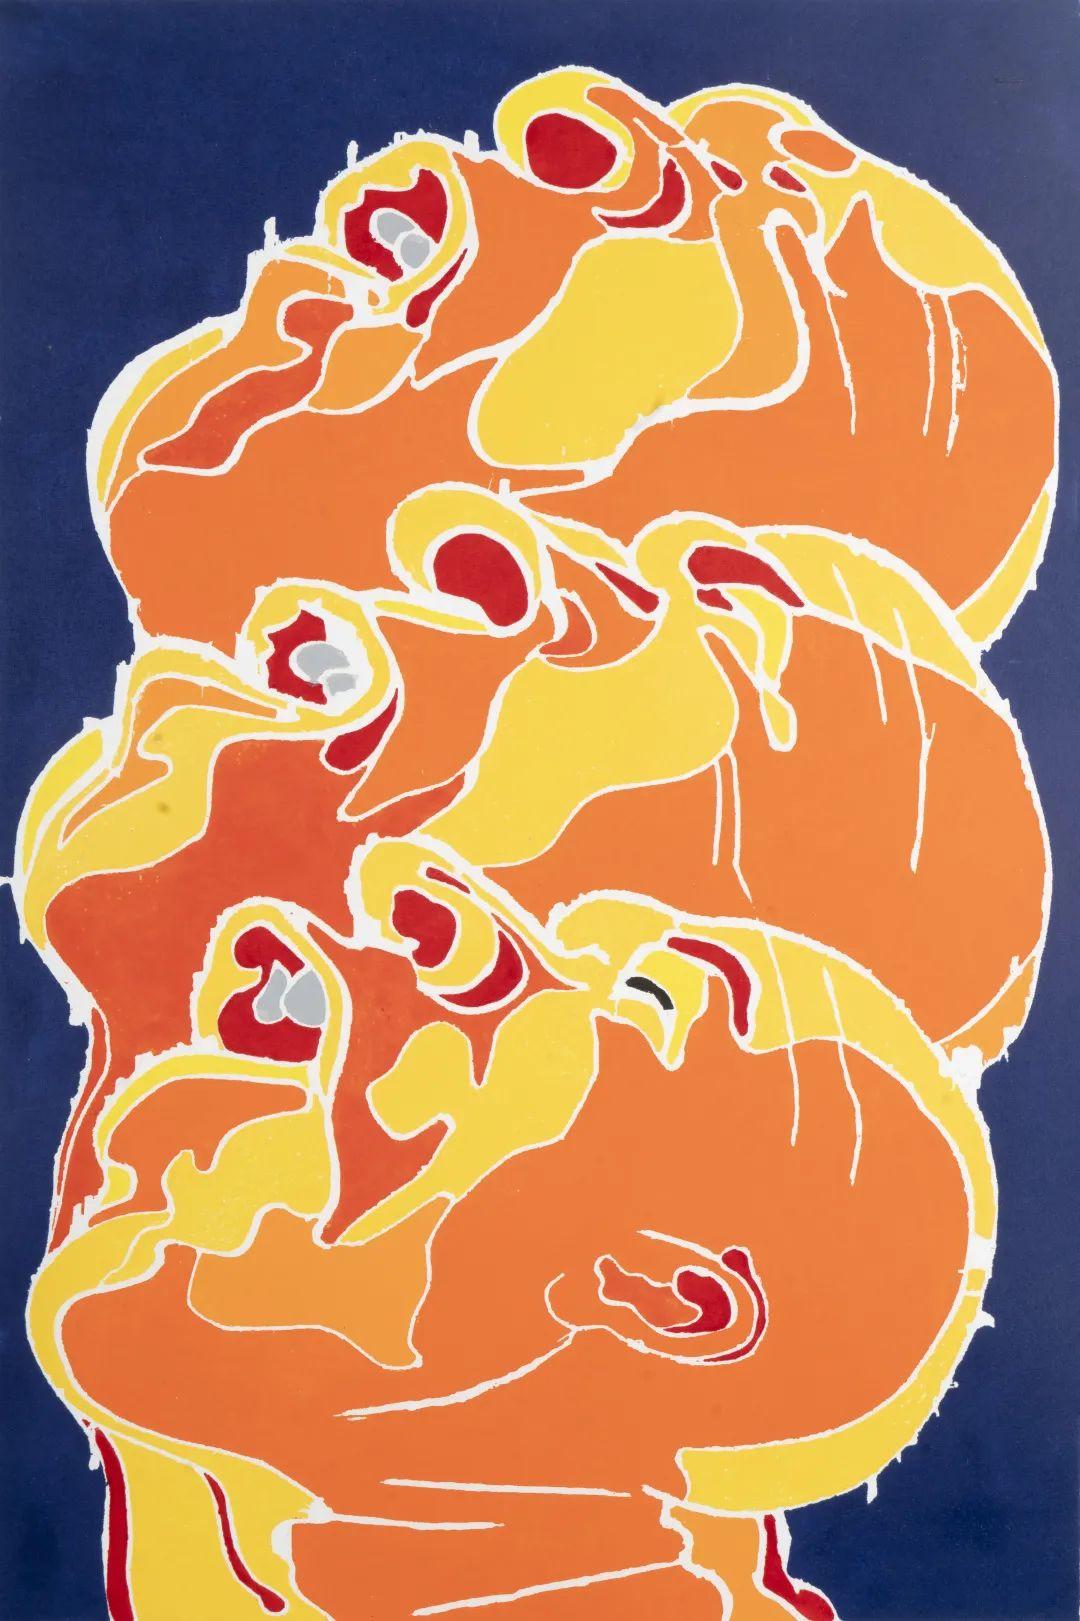 中国当代绘画艺术展作品欣赏之 方力钧插图9